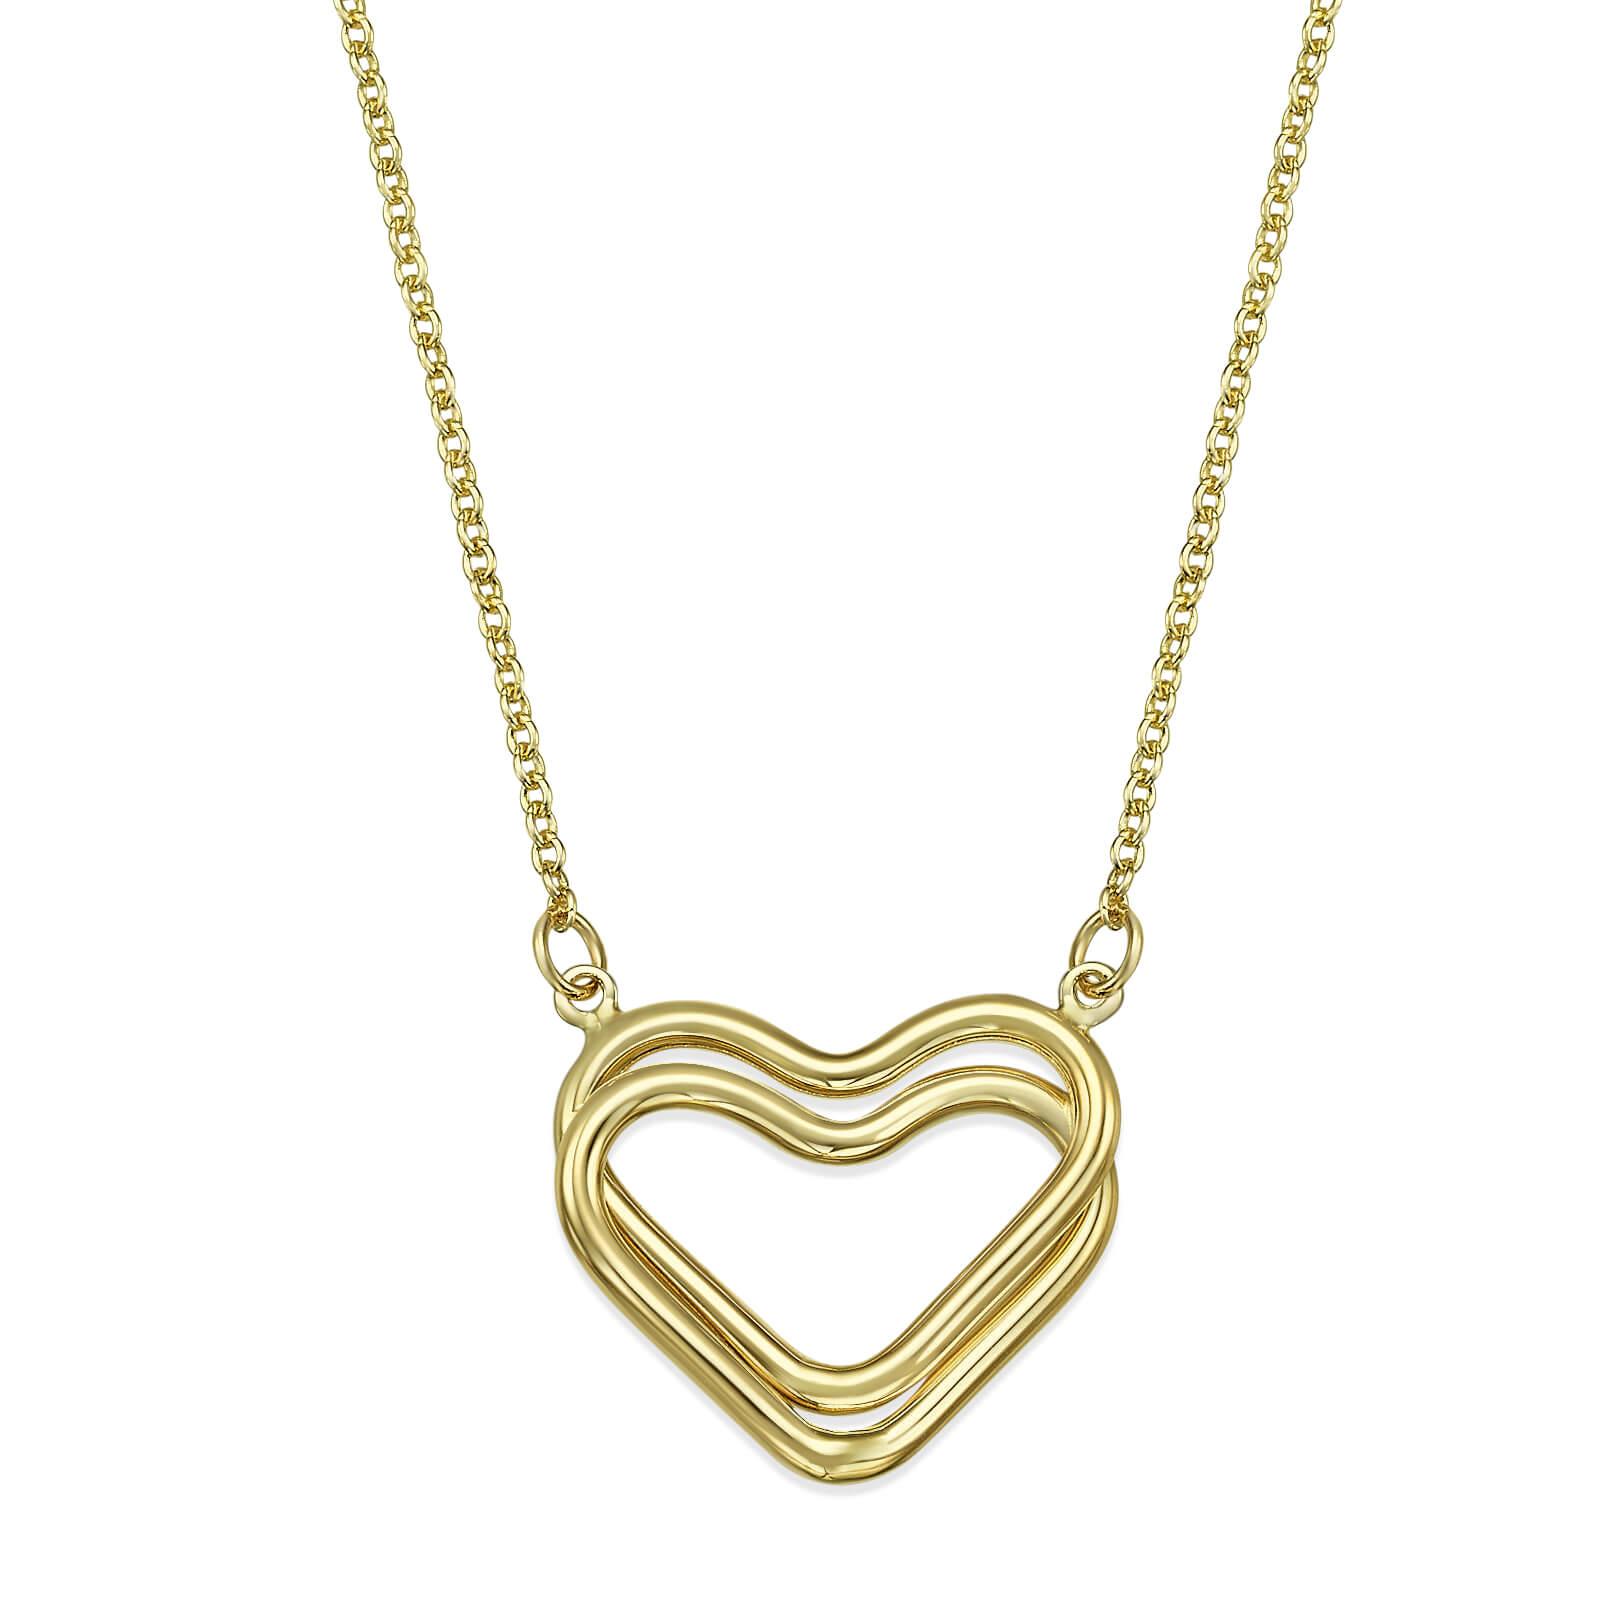 שרשרת זהב לבבות